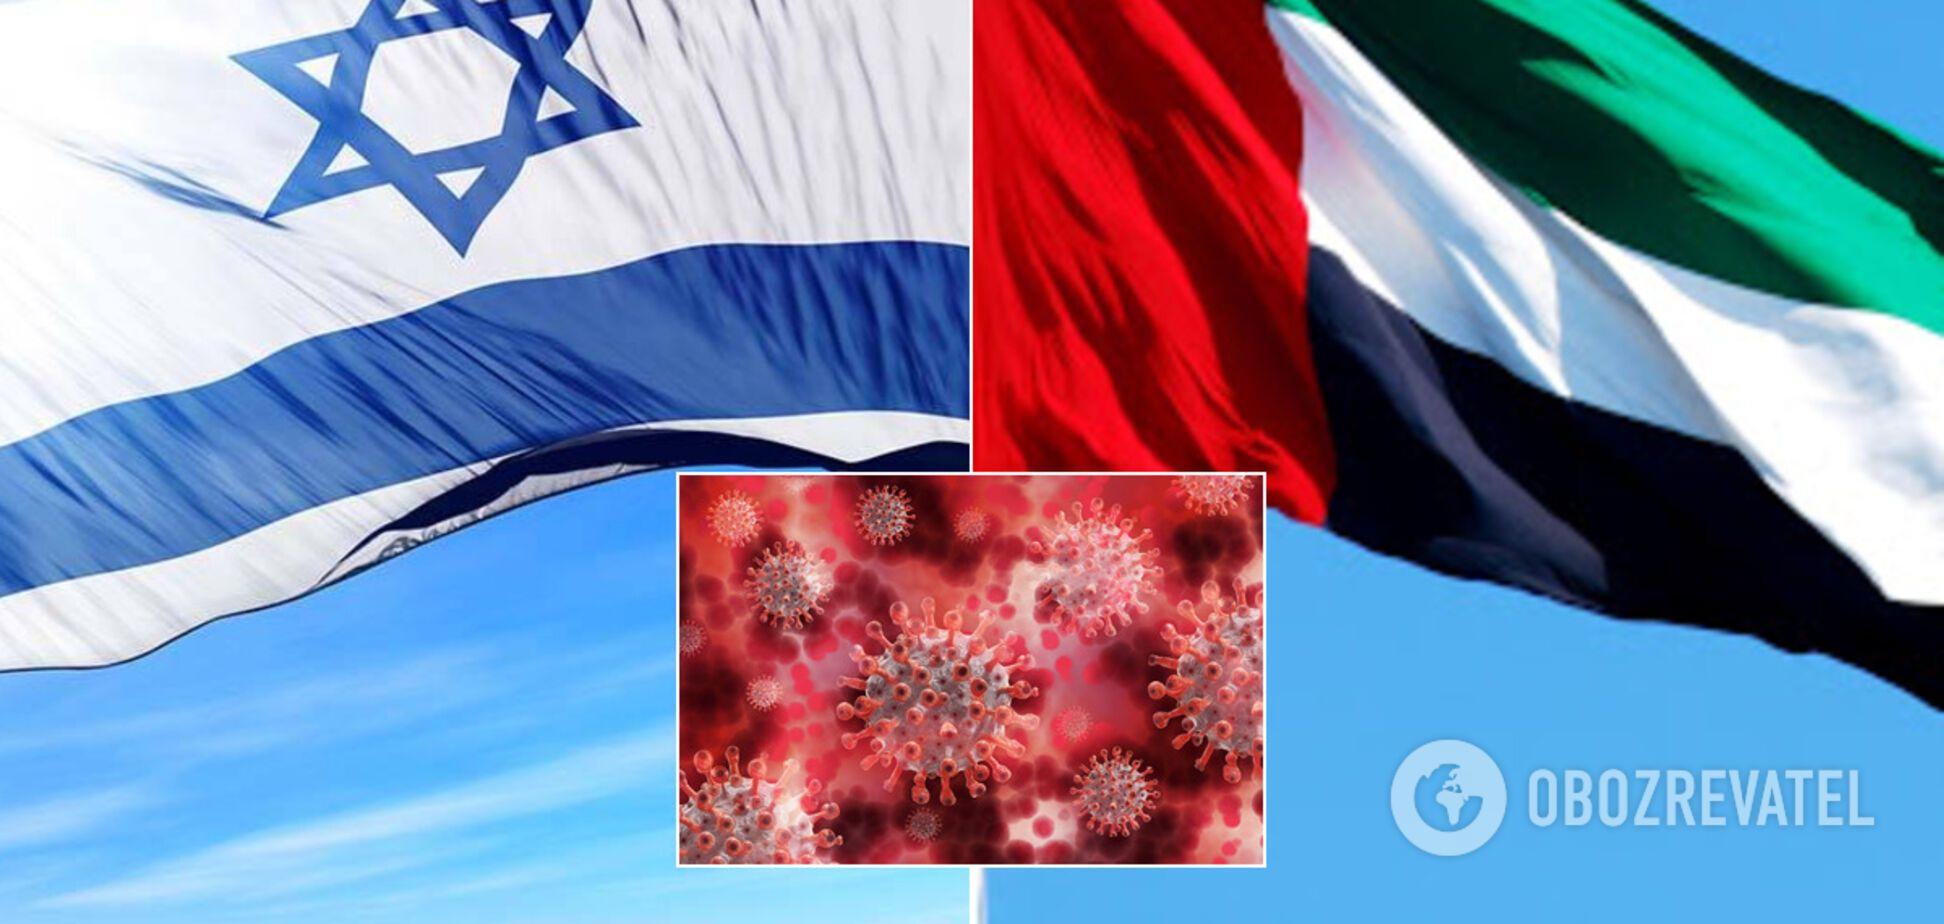 Израиль и ОАЭ объединились против COVID-19